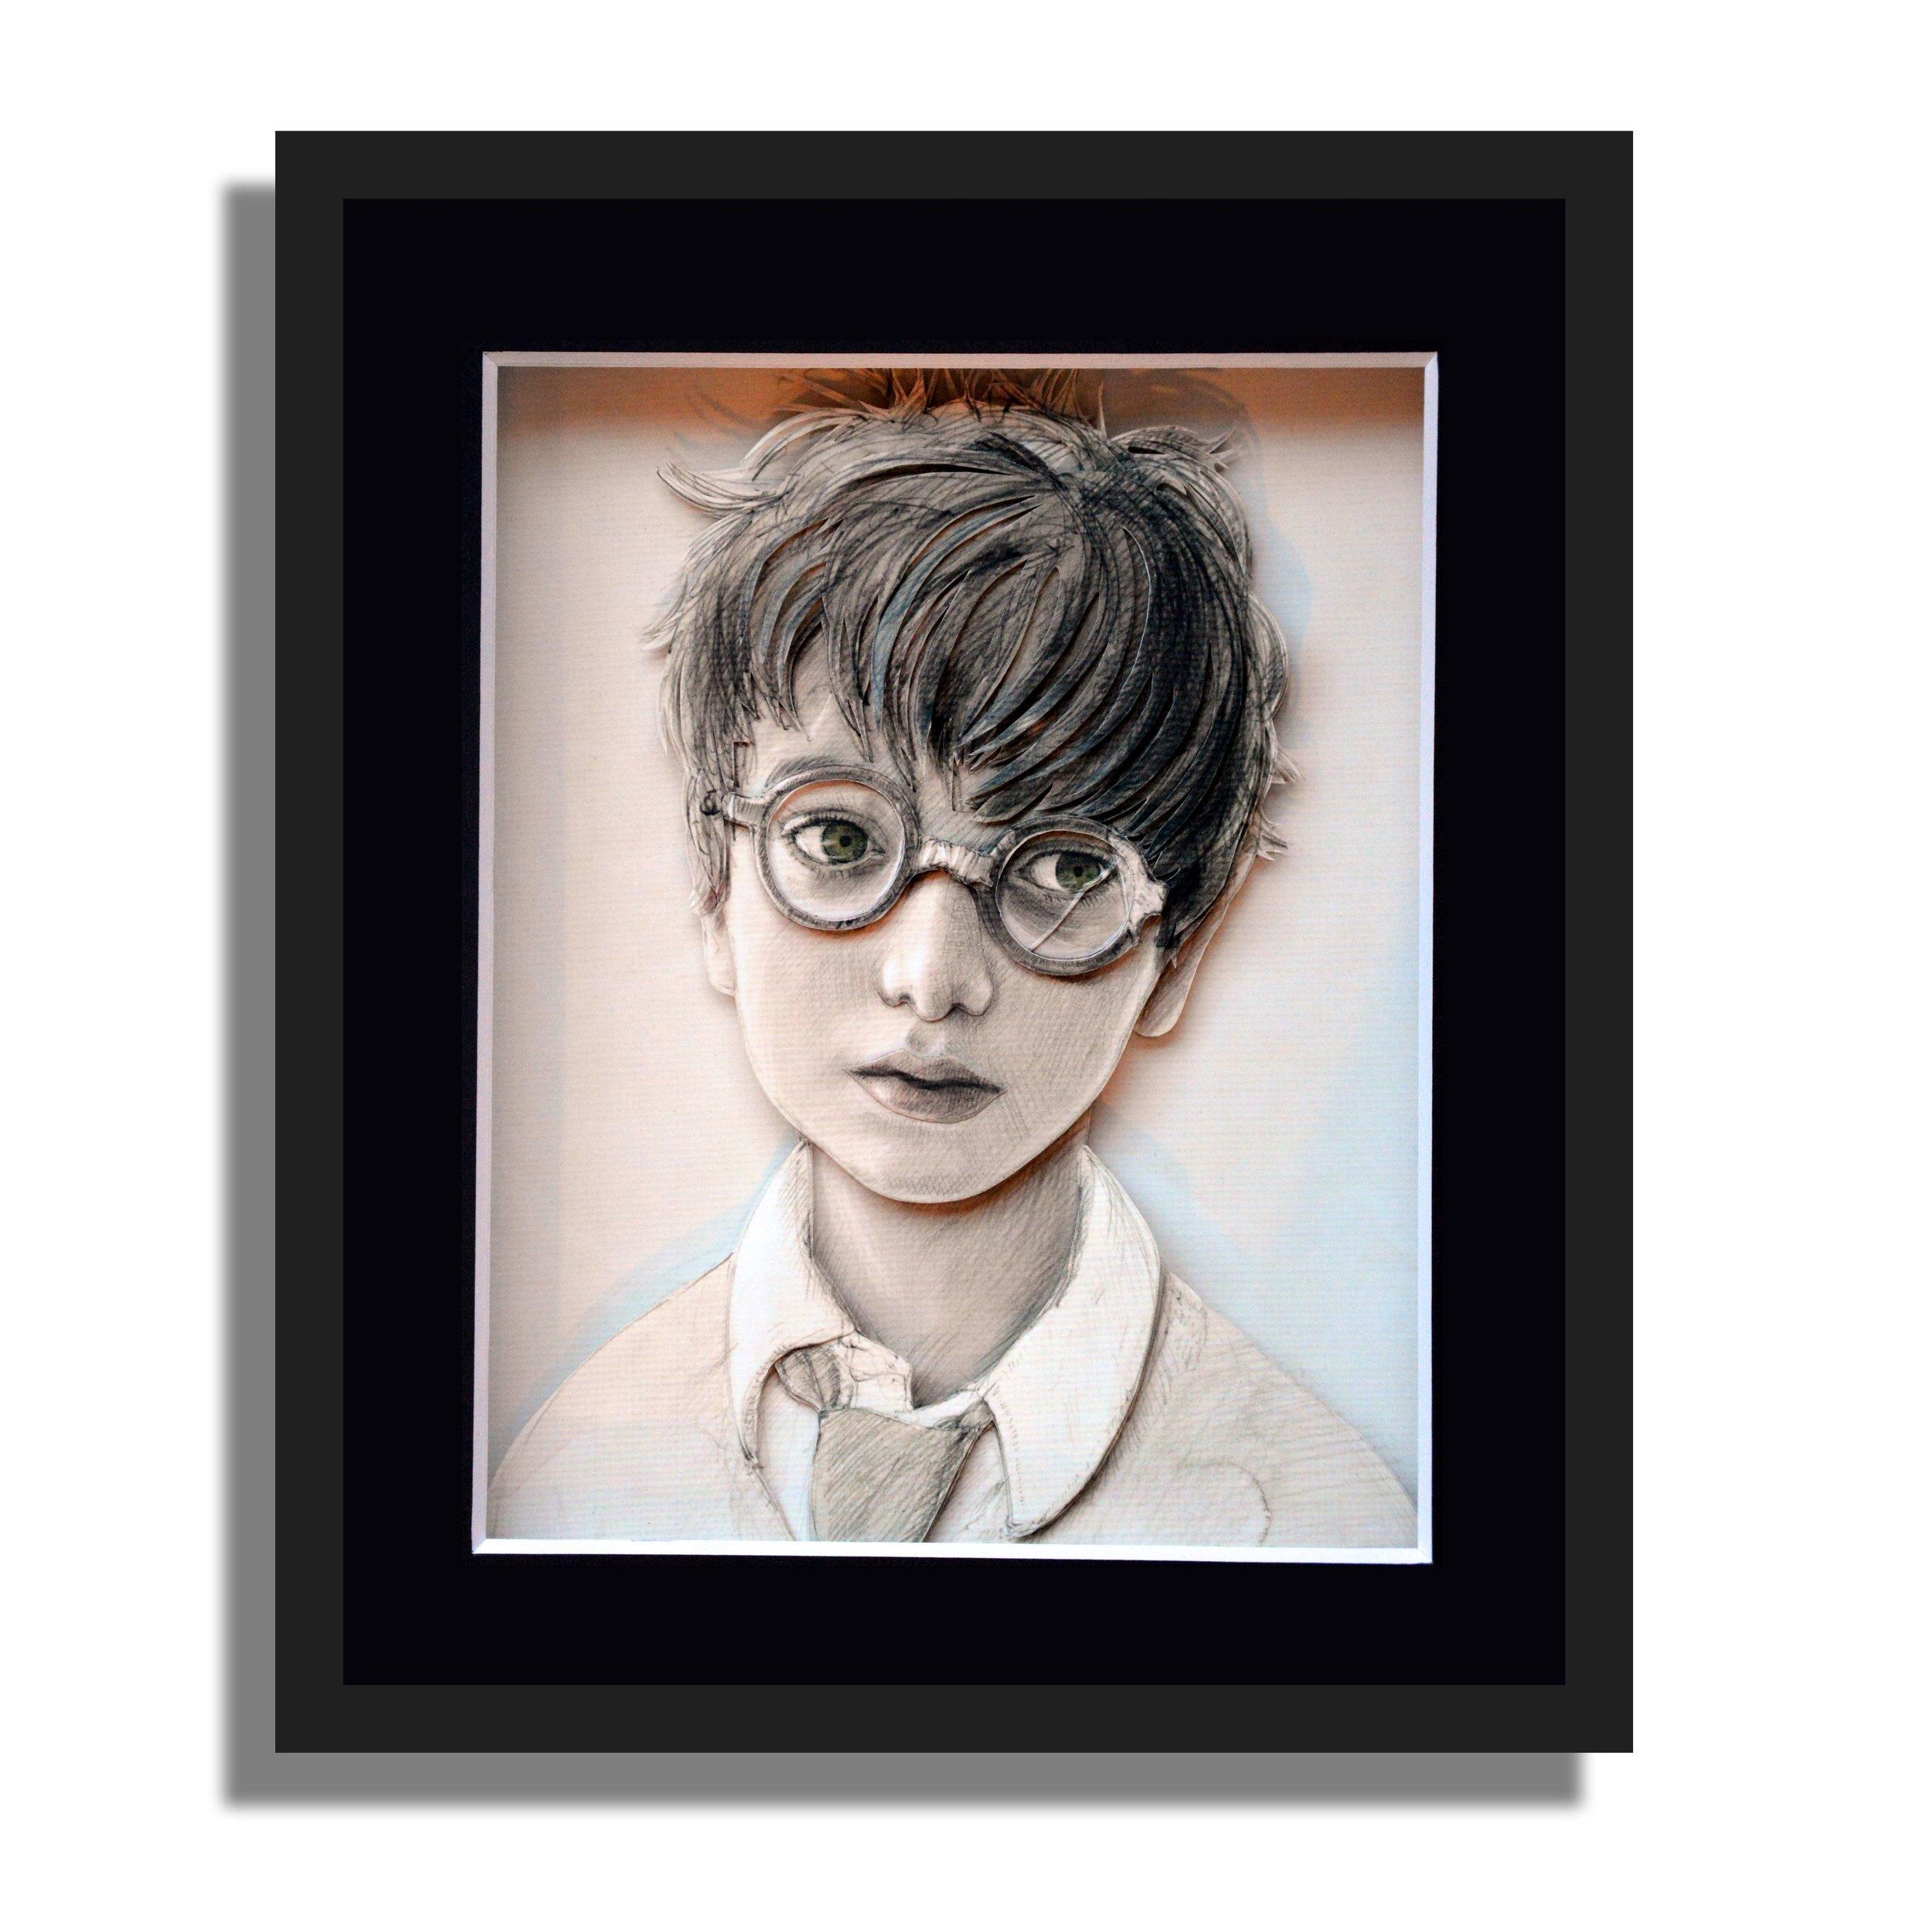 HarryPotterA1.jpg